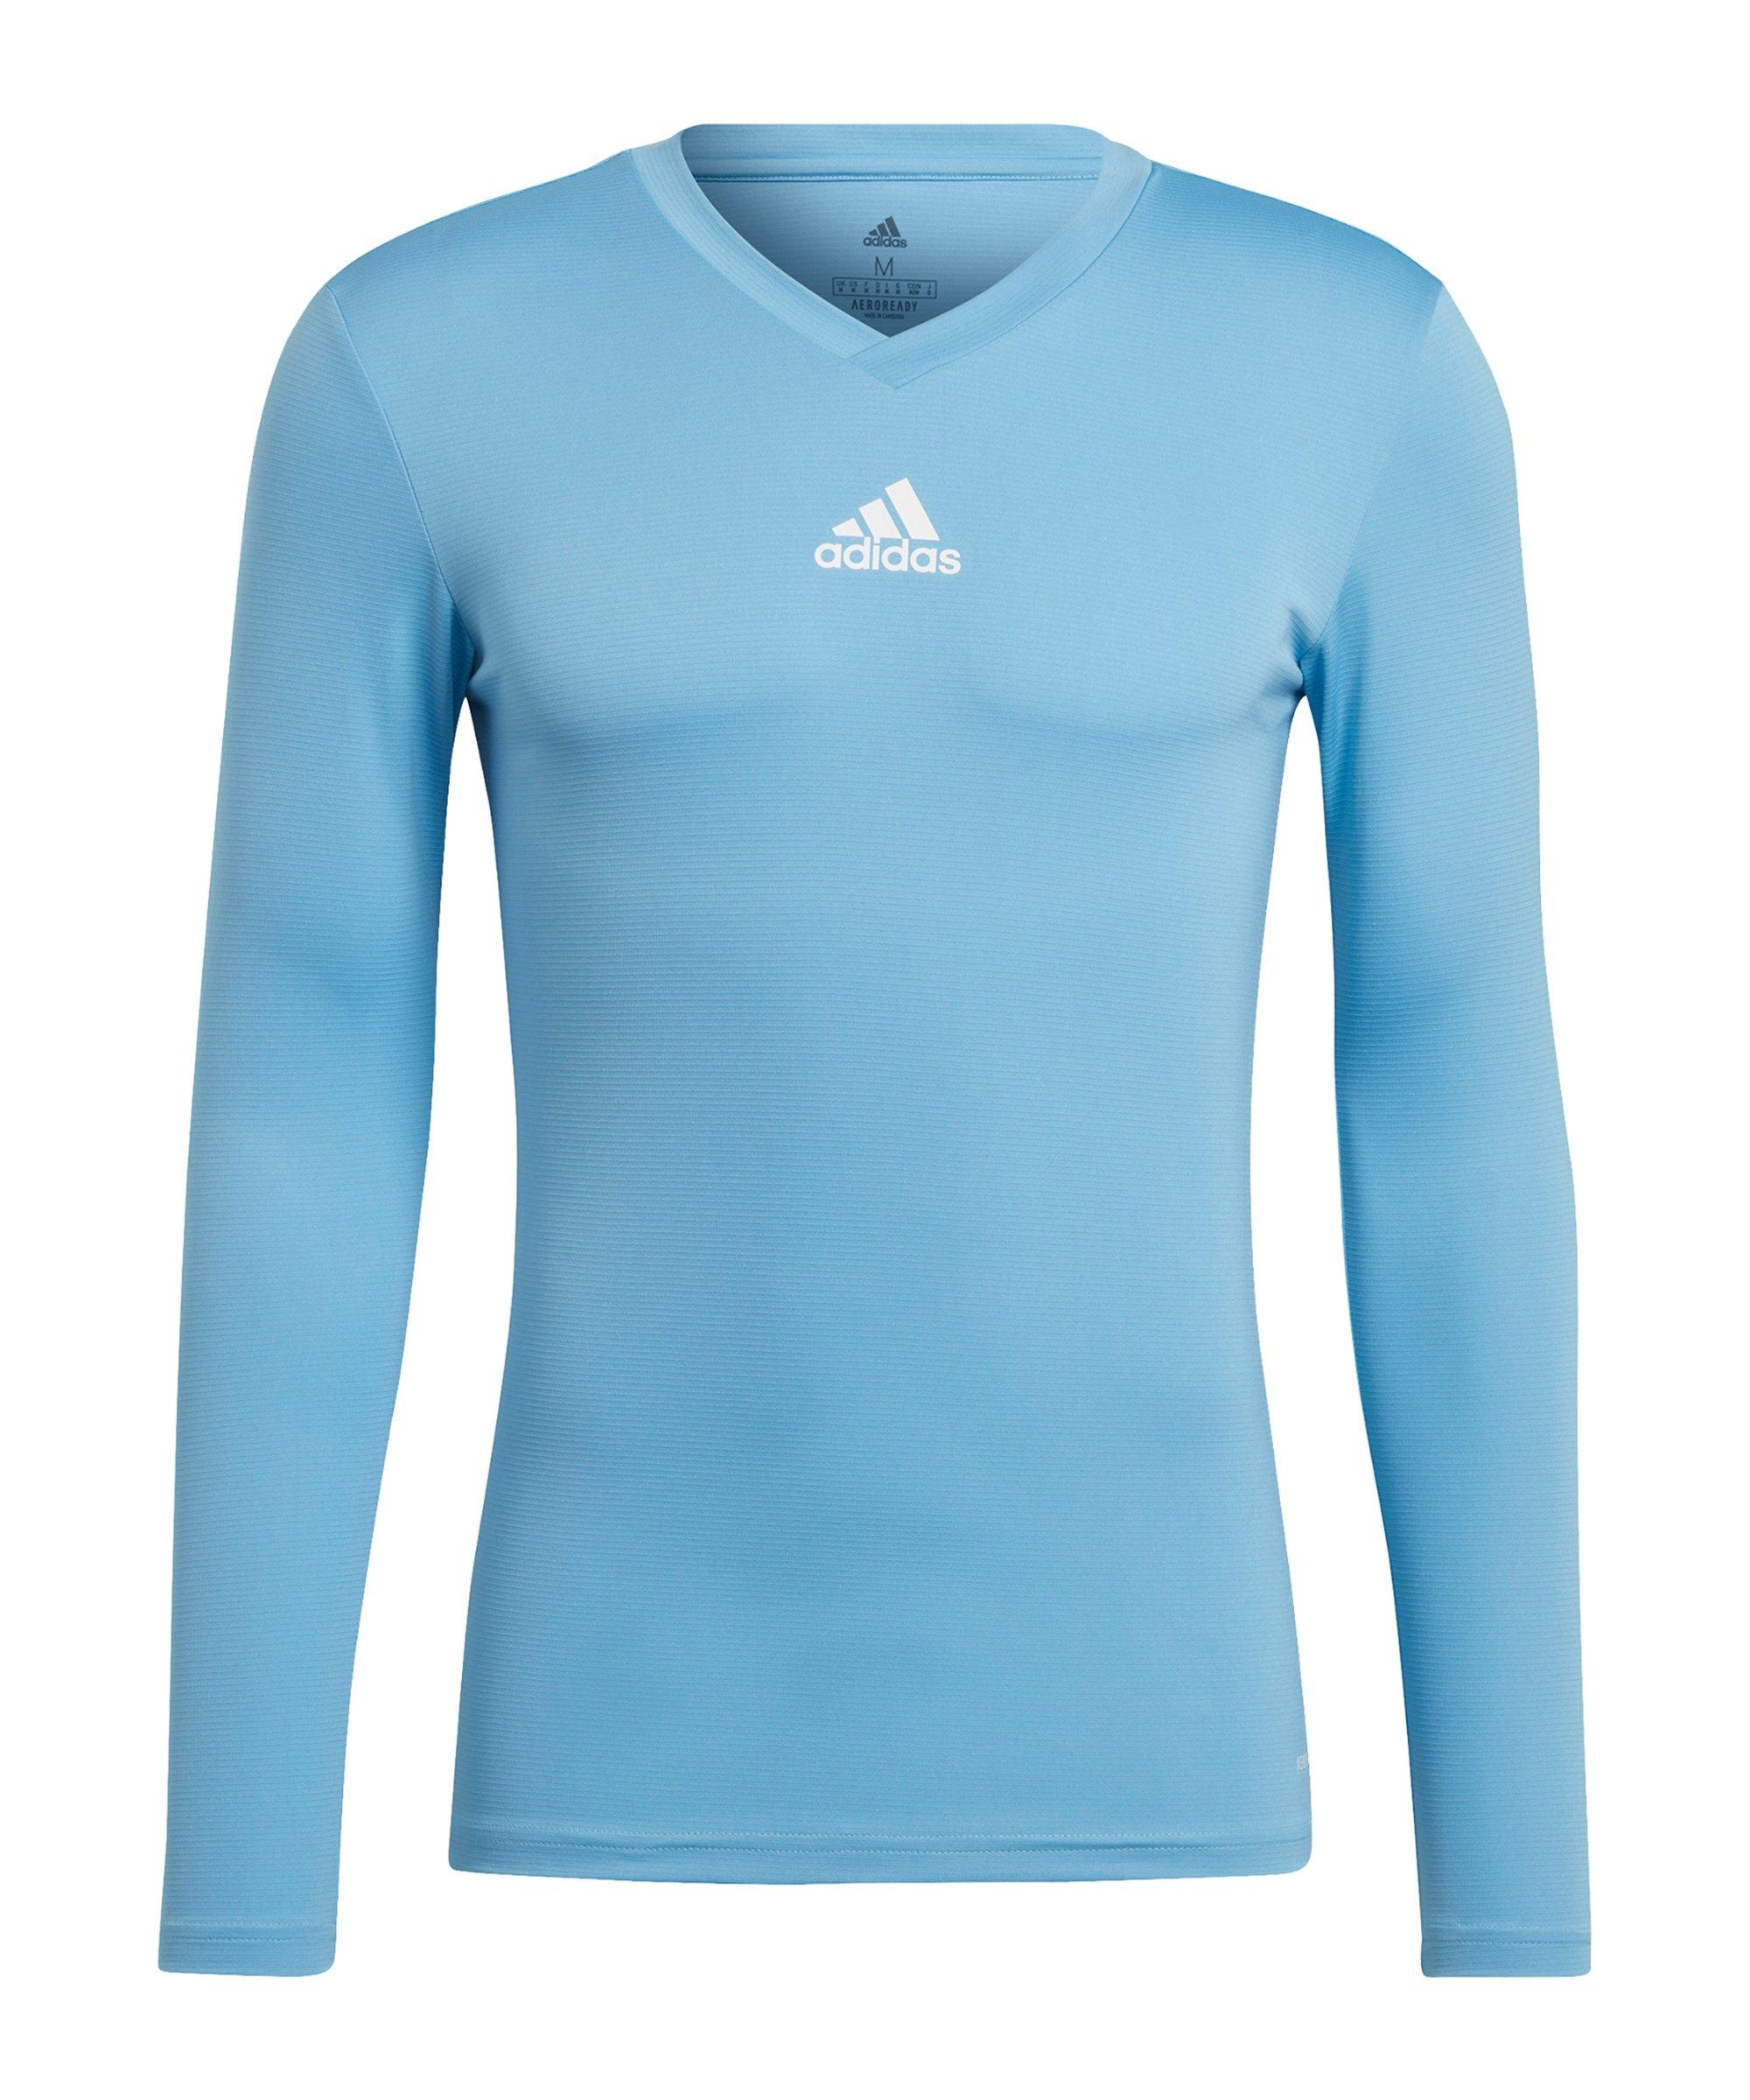 adidas Team Base Top langarm Hellblau - blau